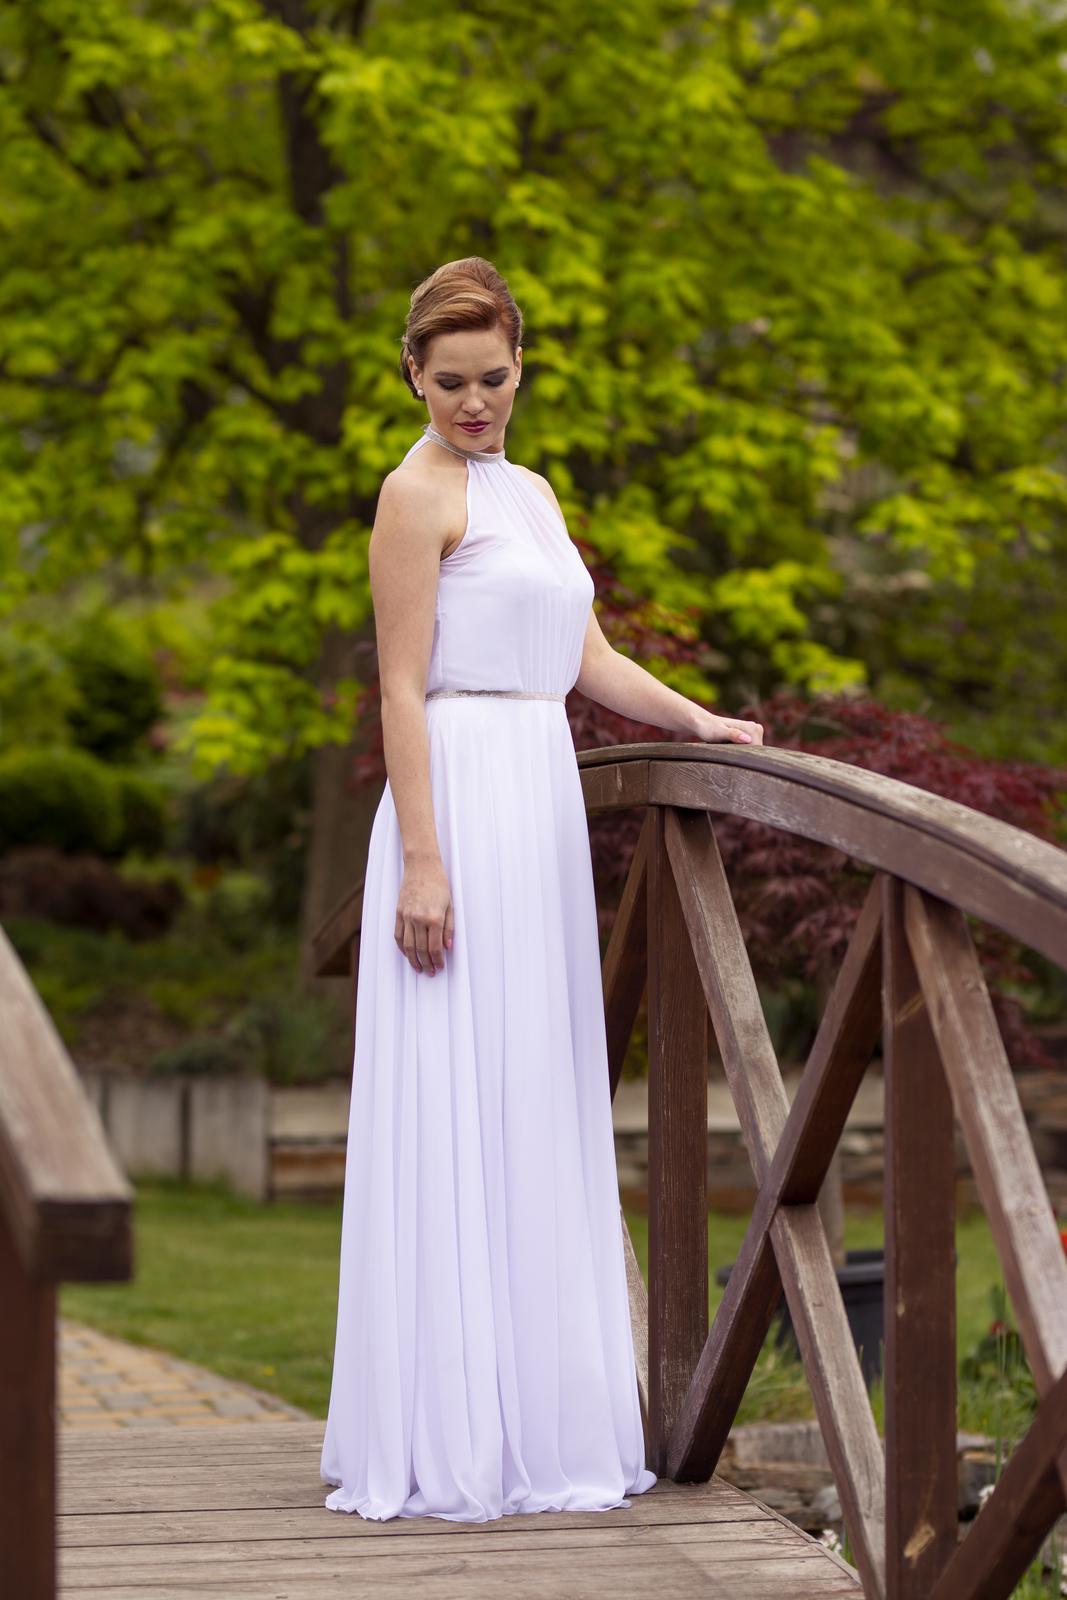 Svatební salon Adeleine - Originál svatební šaty Adeleine - prodej 14000,- Kč. Ušijeme v různých velikostech.